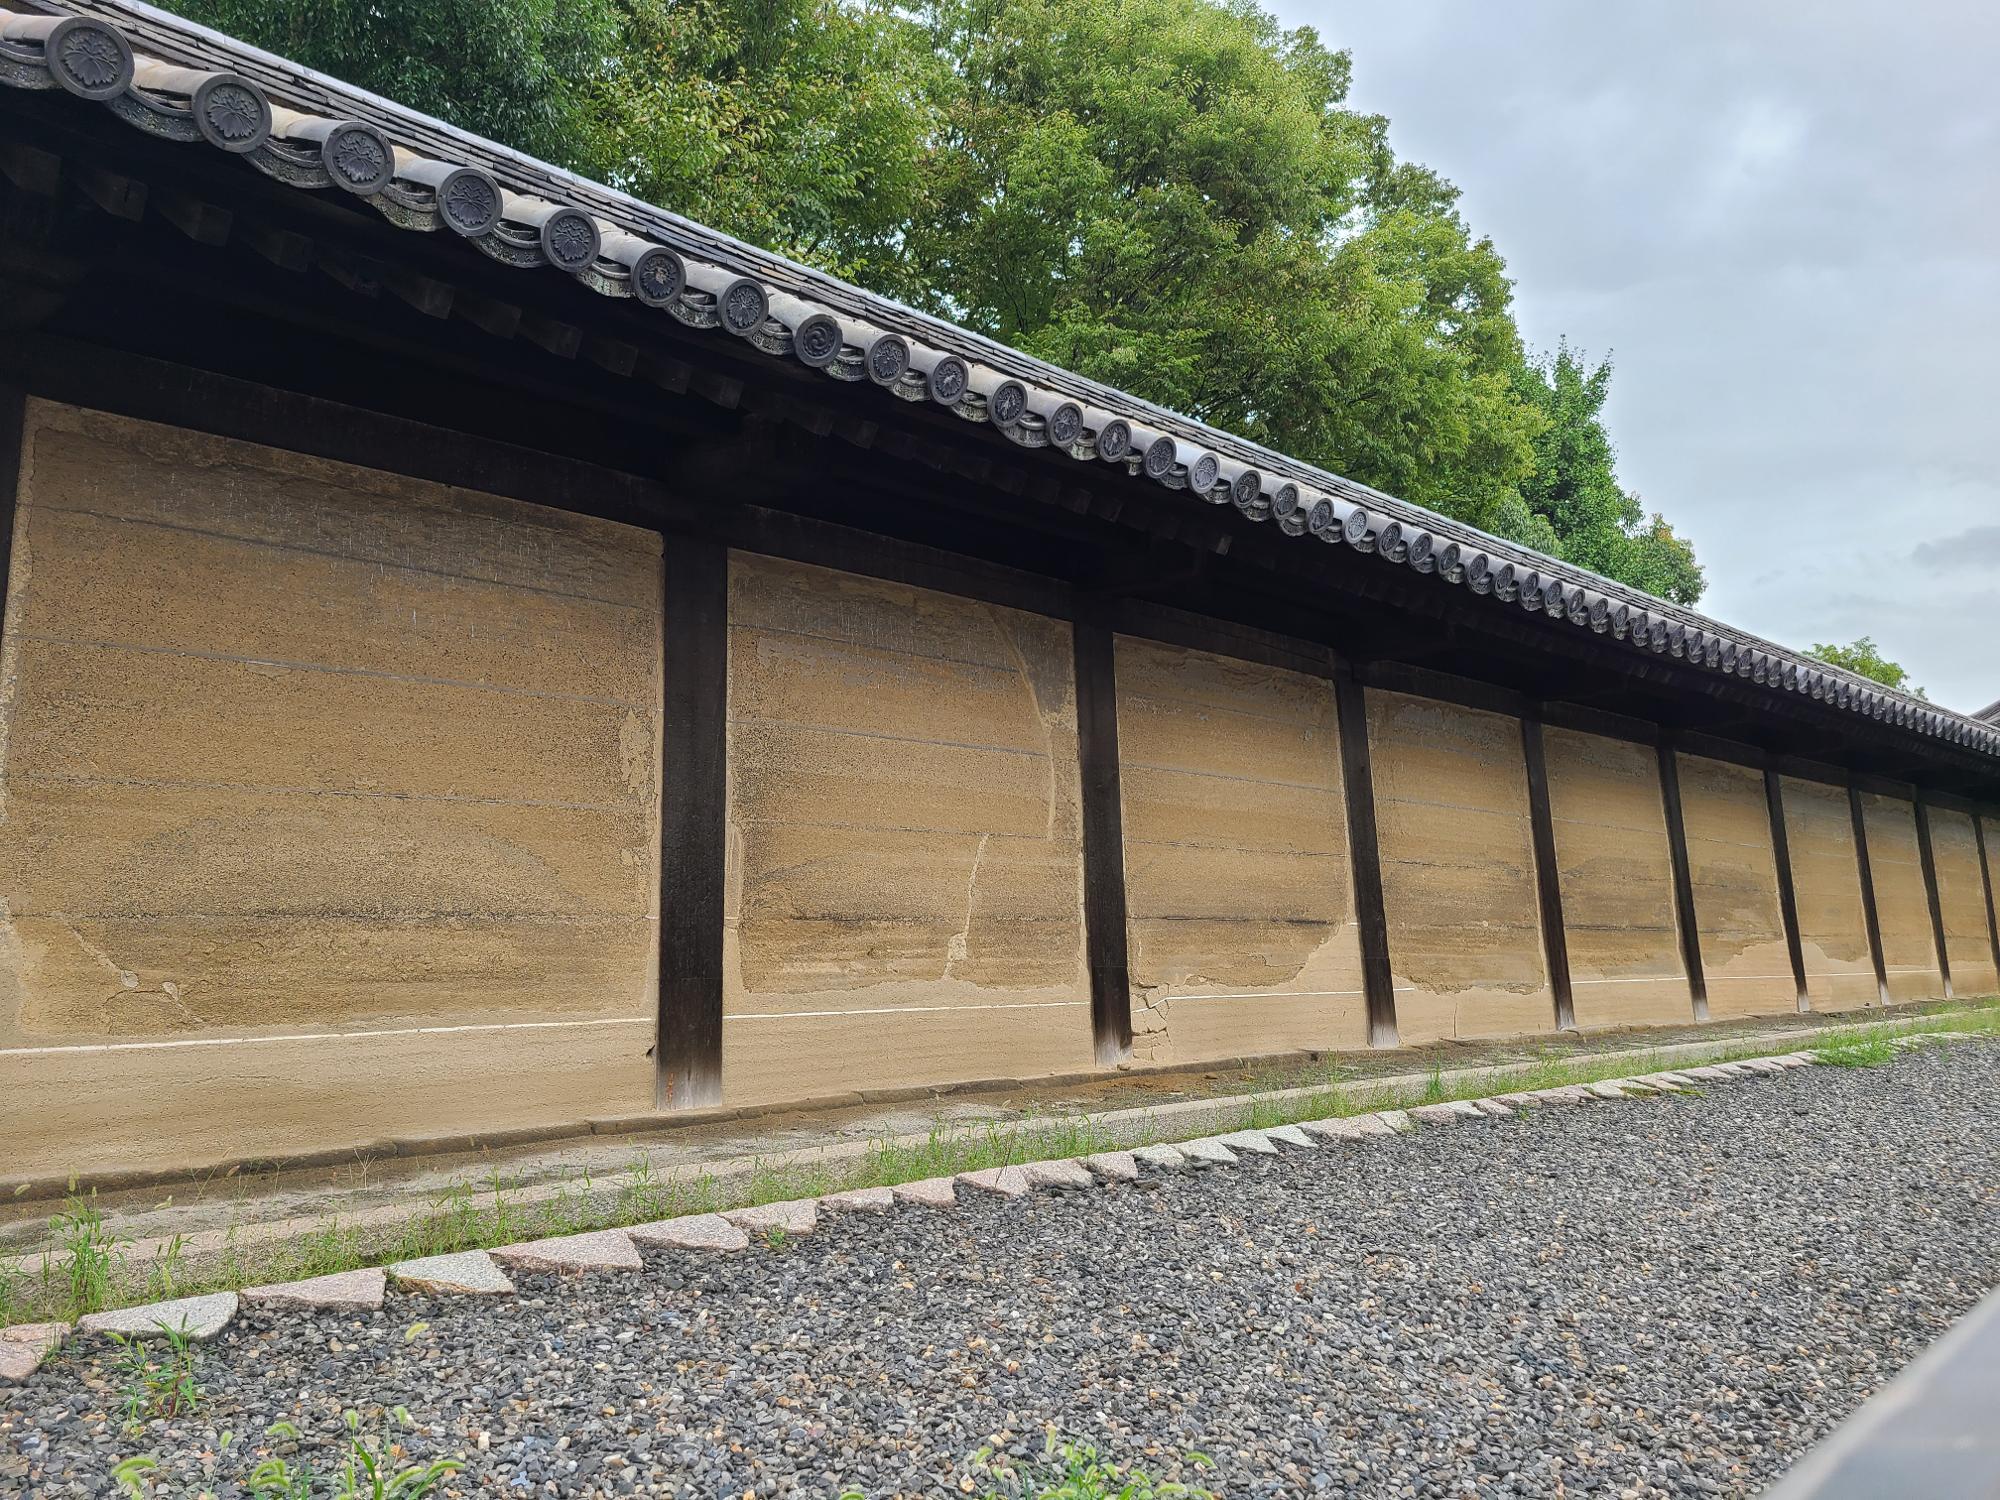 三十三間堂の南門にある太閤塀